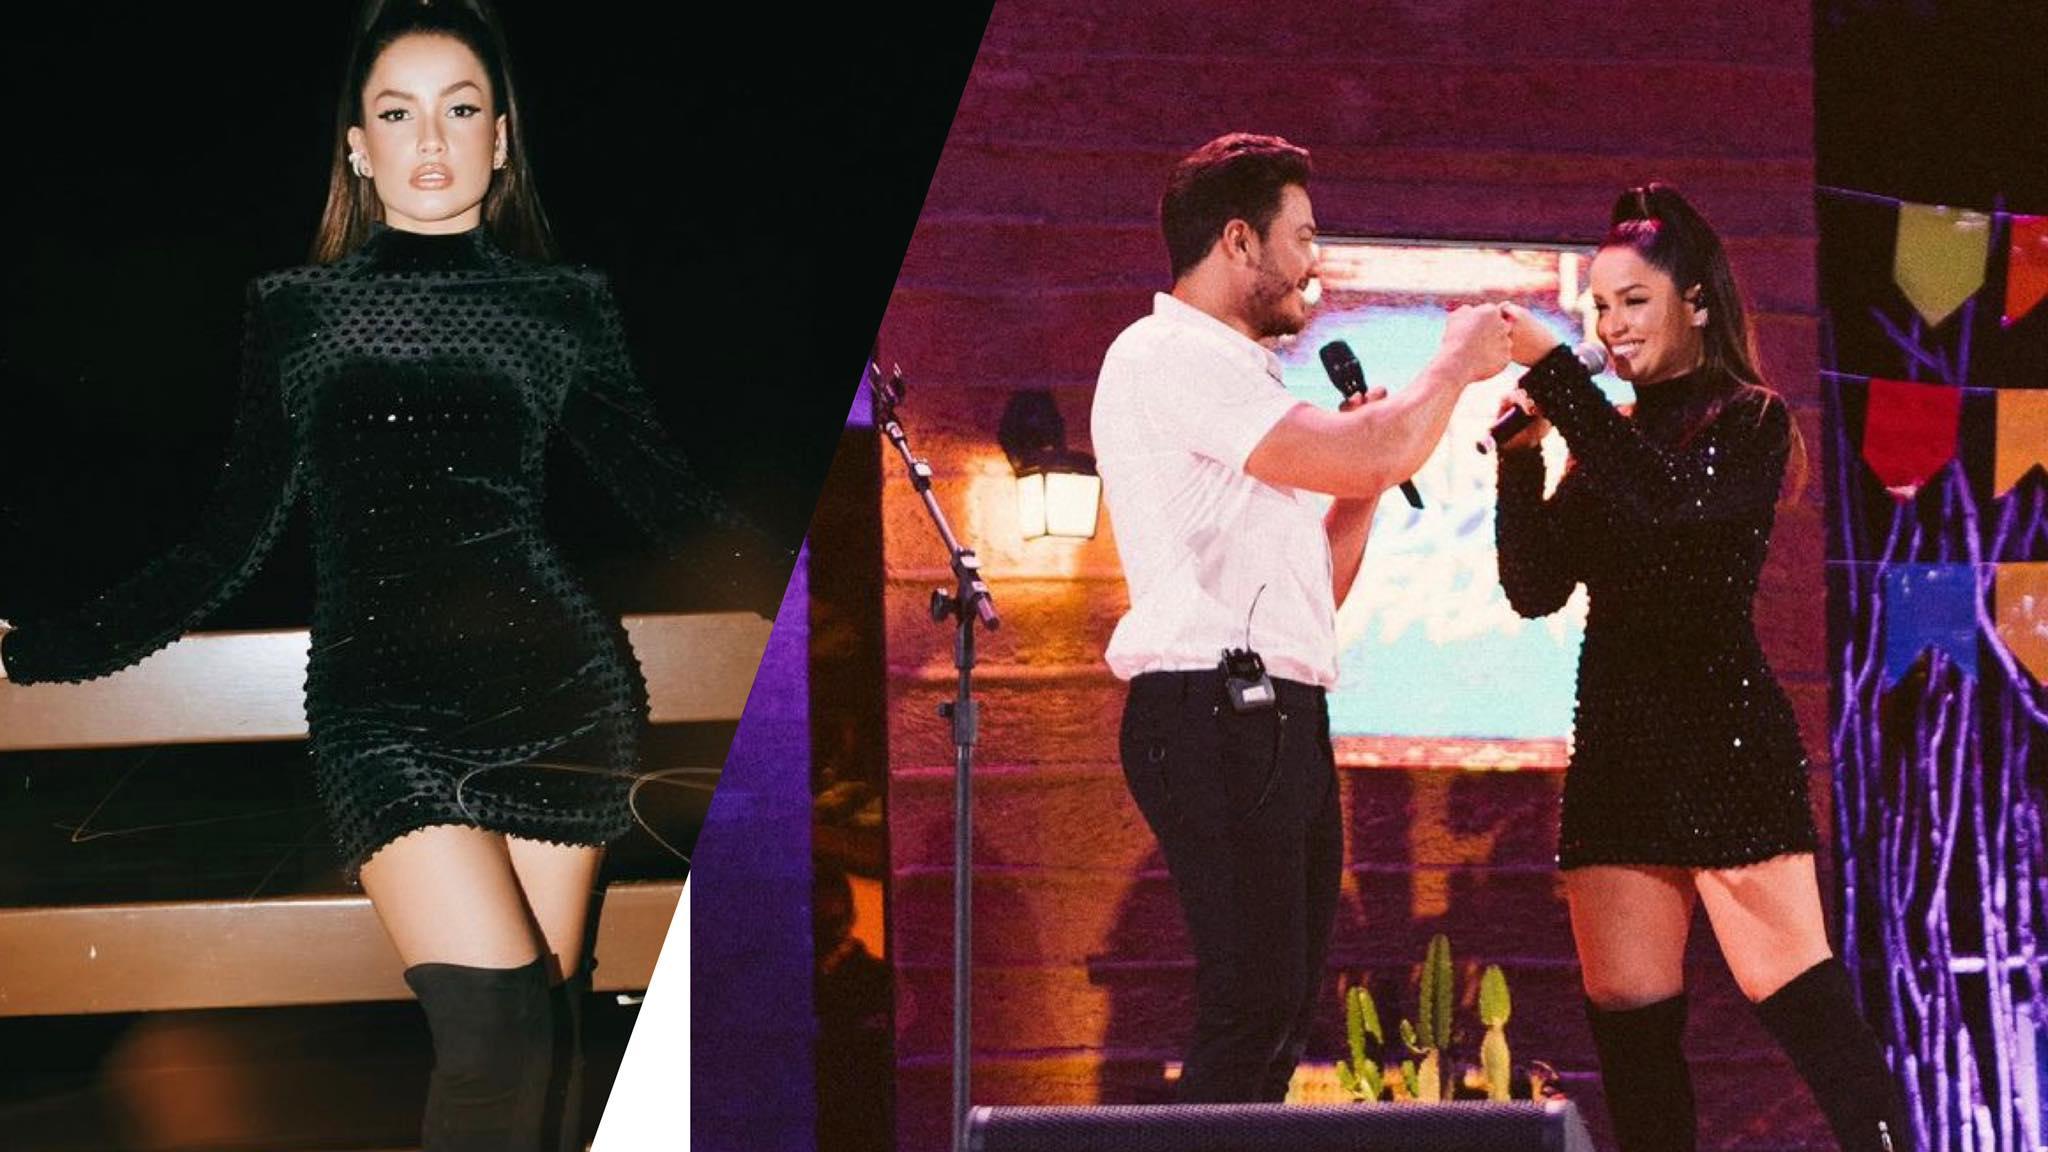 Juliette Freire arrasa cantando sua música tema do BBB 21 junto com Wesley Safadão (montagem: Fashion Bubbles)